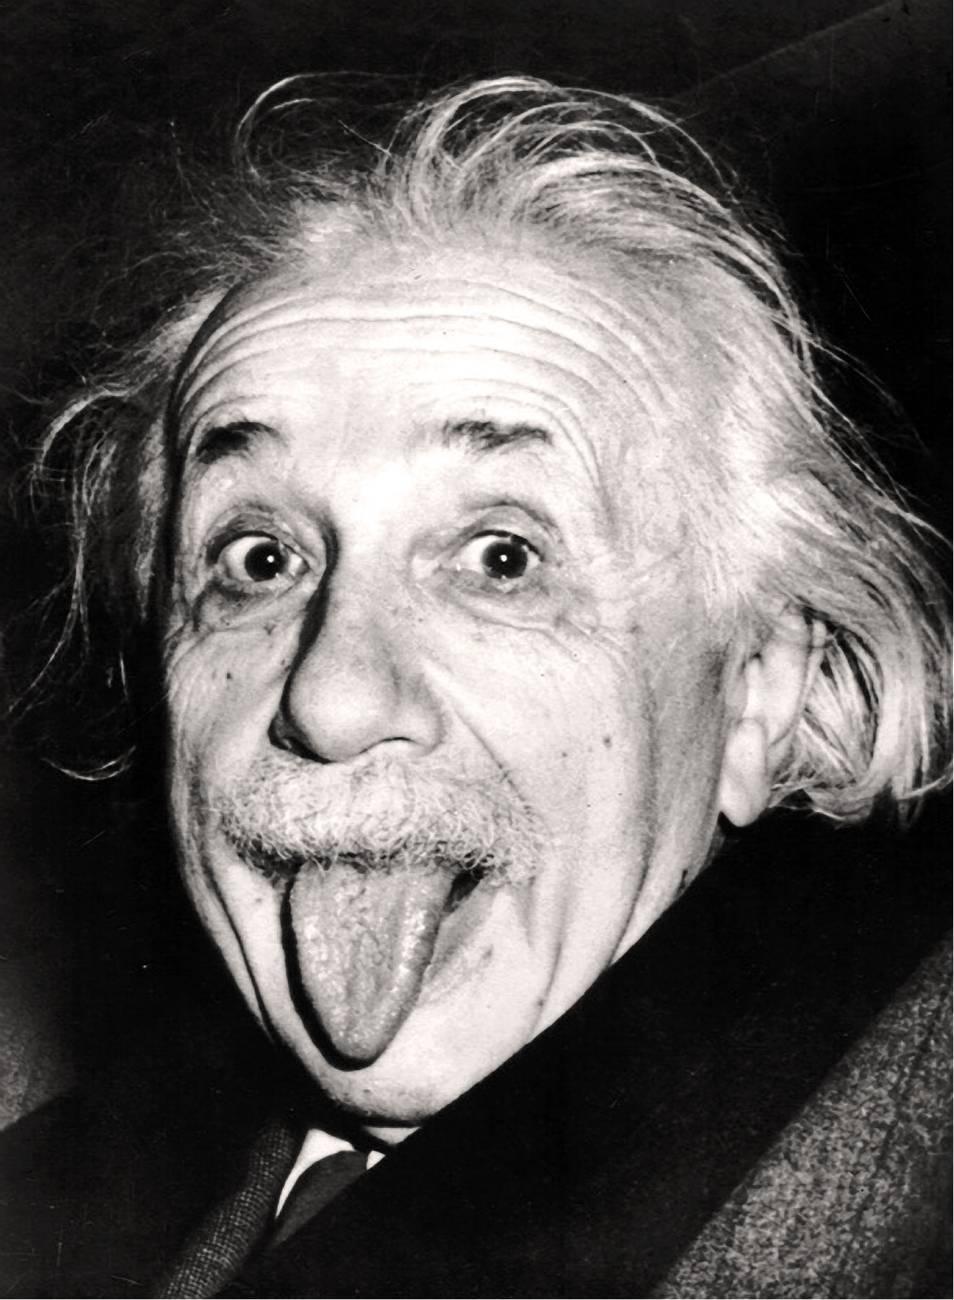 4022 завантажити шпалери Чоловіки, Гумор, Люди, Альберт Ейнштейн - заставки і картинки безкоштовно